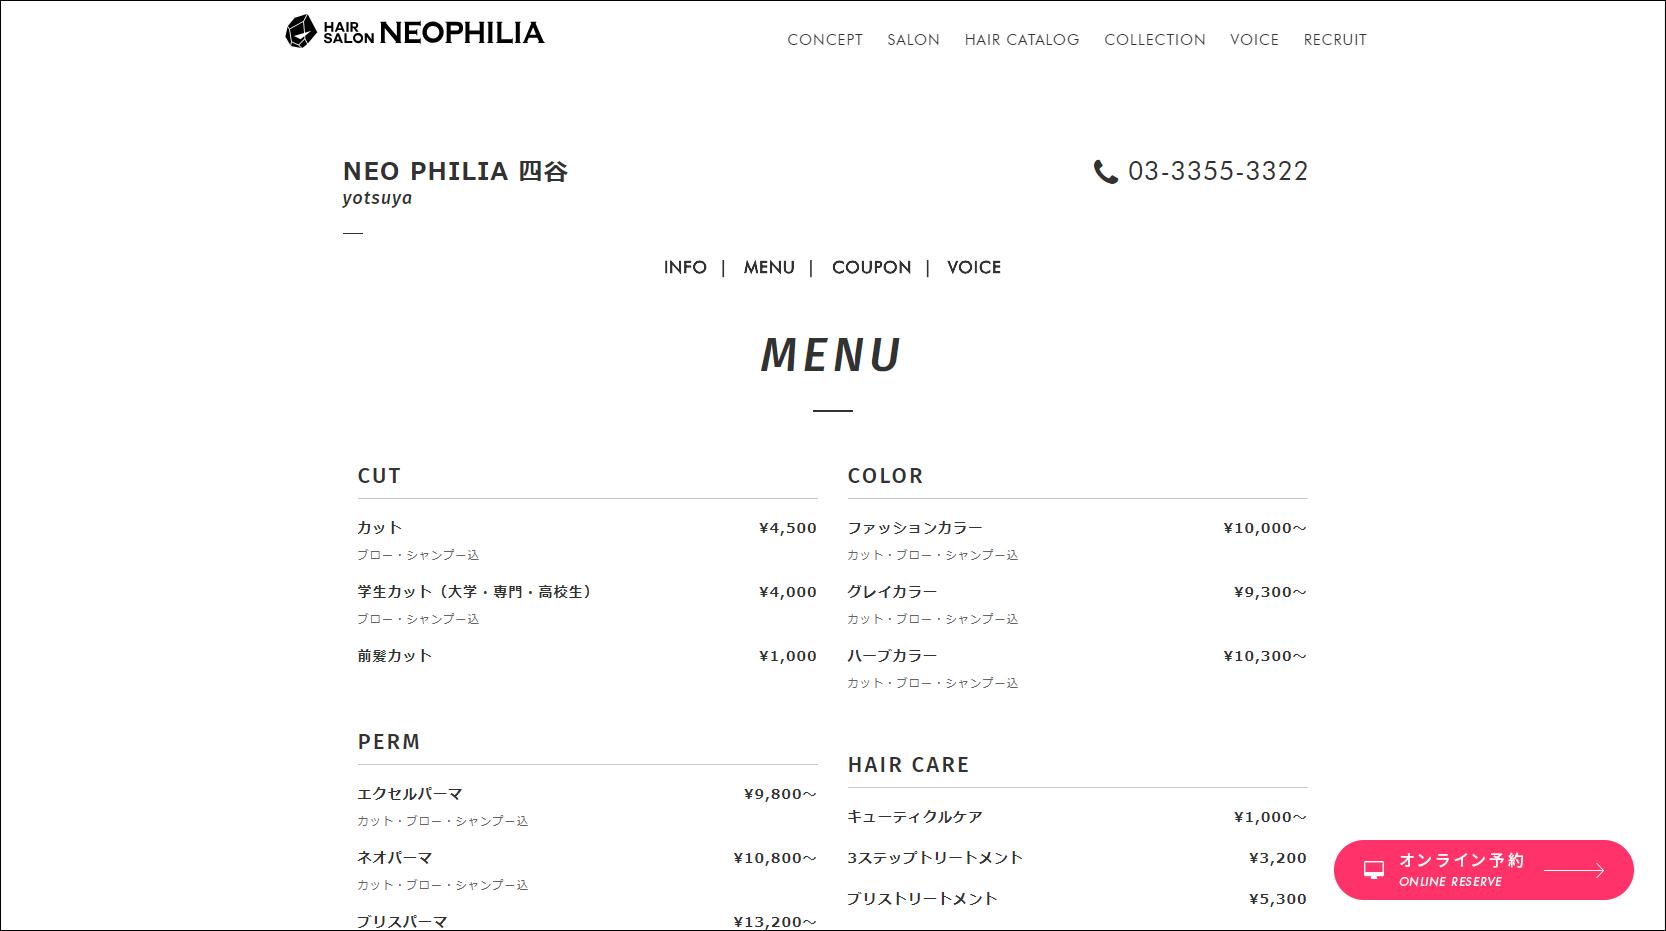 ホームページ制作実績『美容室』【NEOPHILIA(ネオフィリア)】様サロン詳細メニューページ